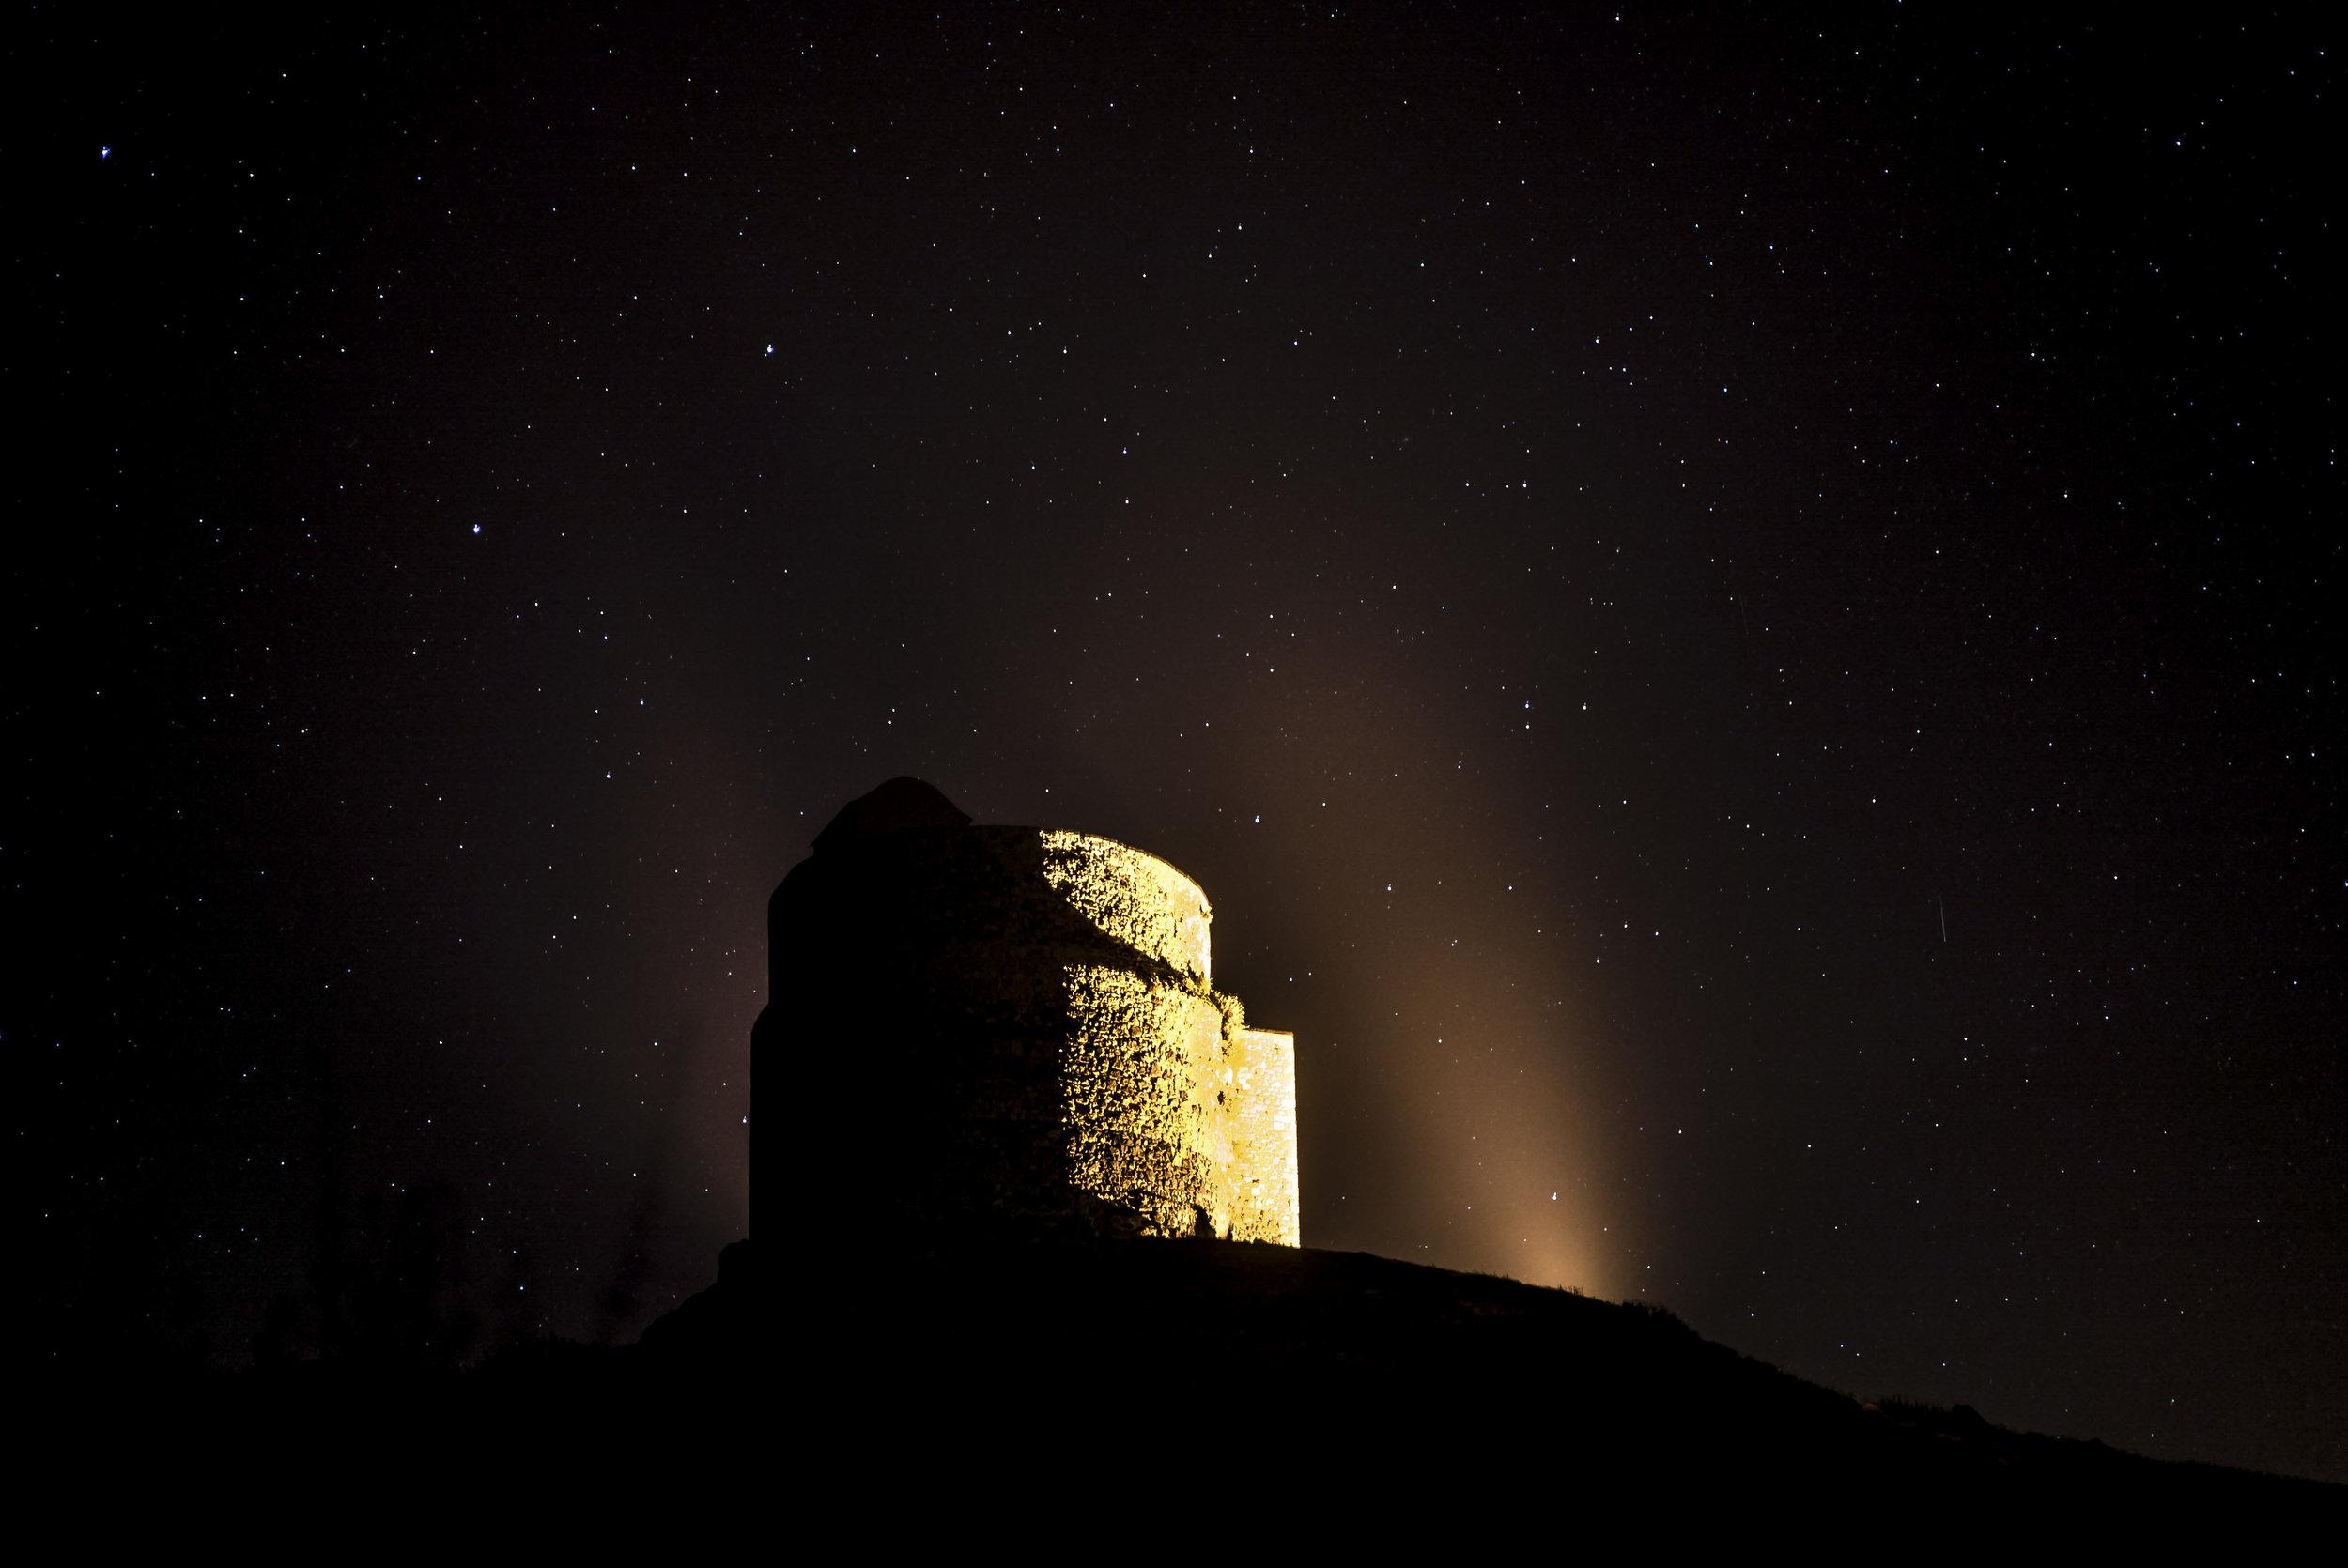 San Giovanni di Sinis tower at night - Sardinia